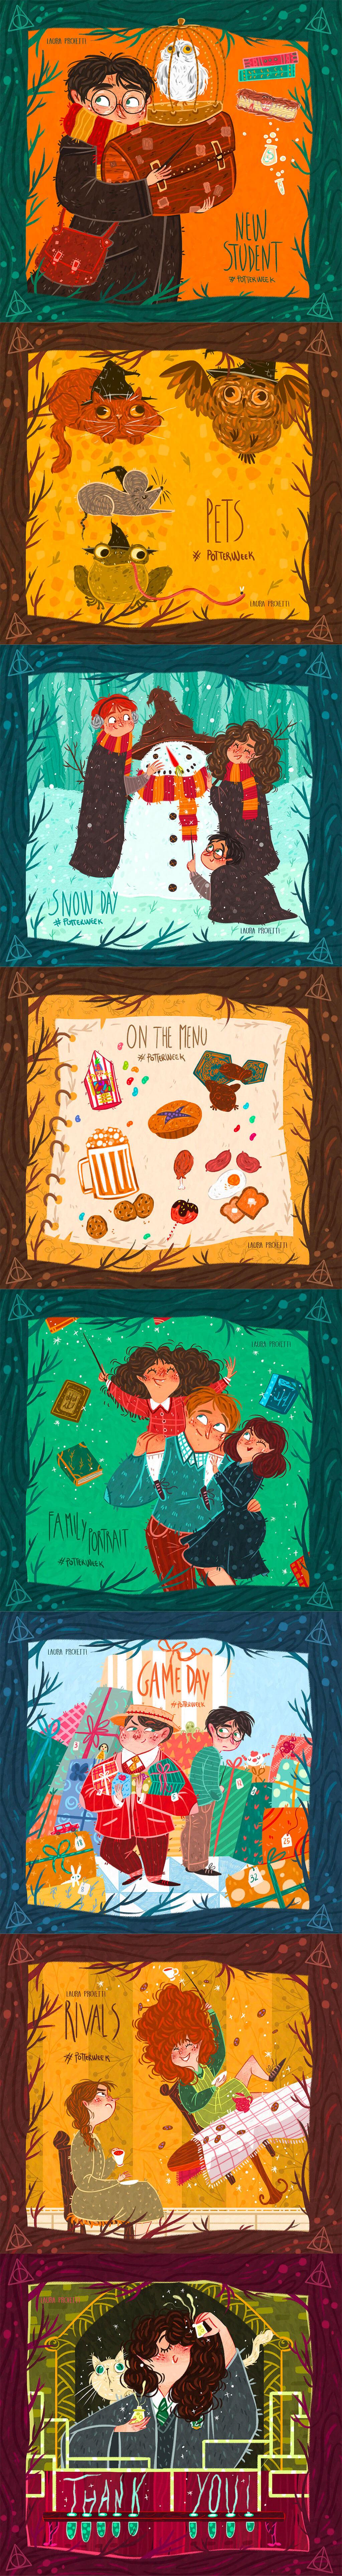 Harry Potter Fan Art by Laura Proietti